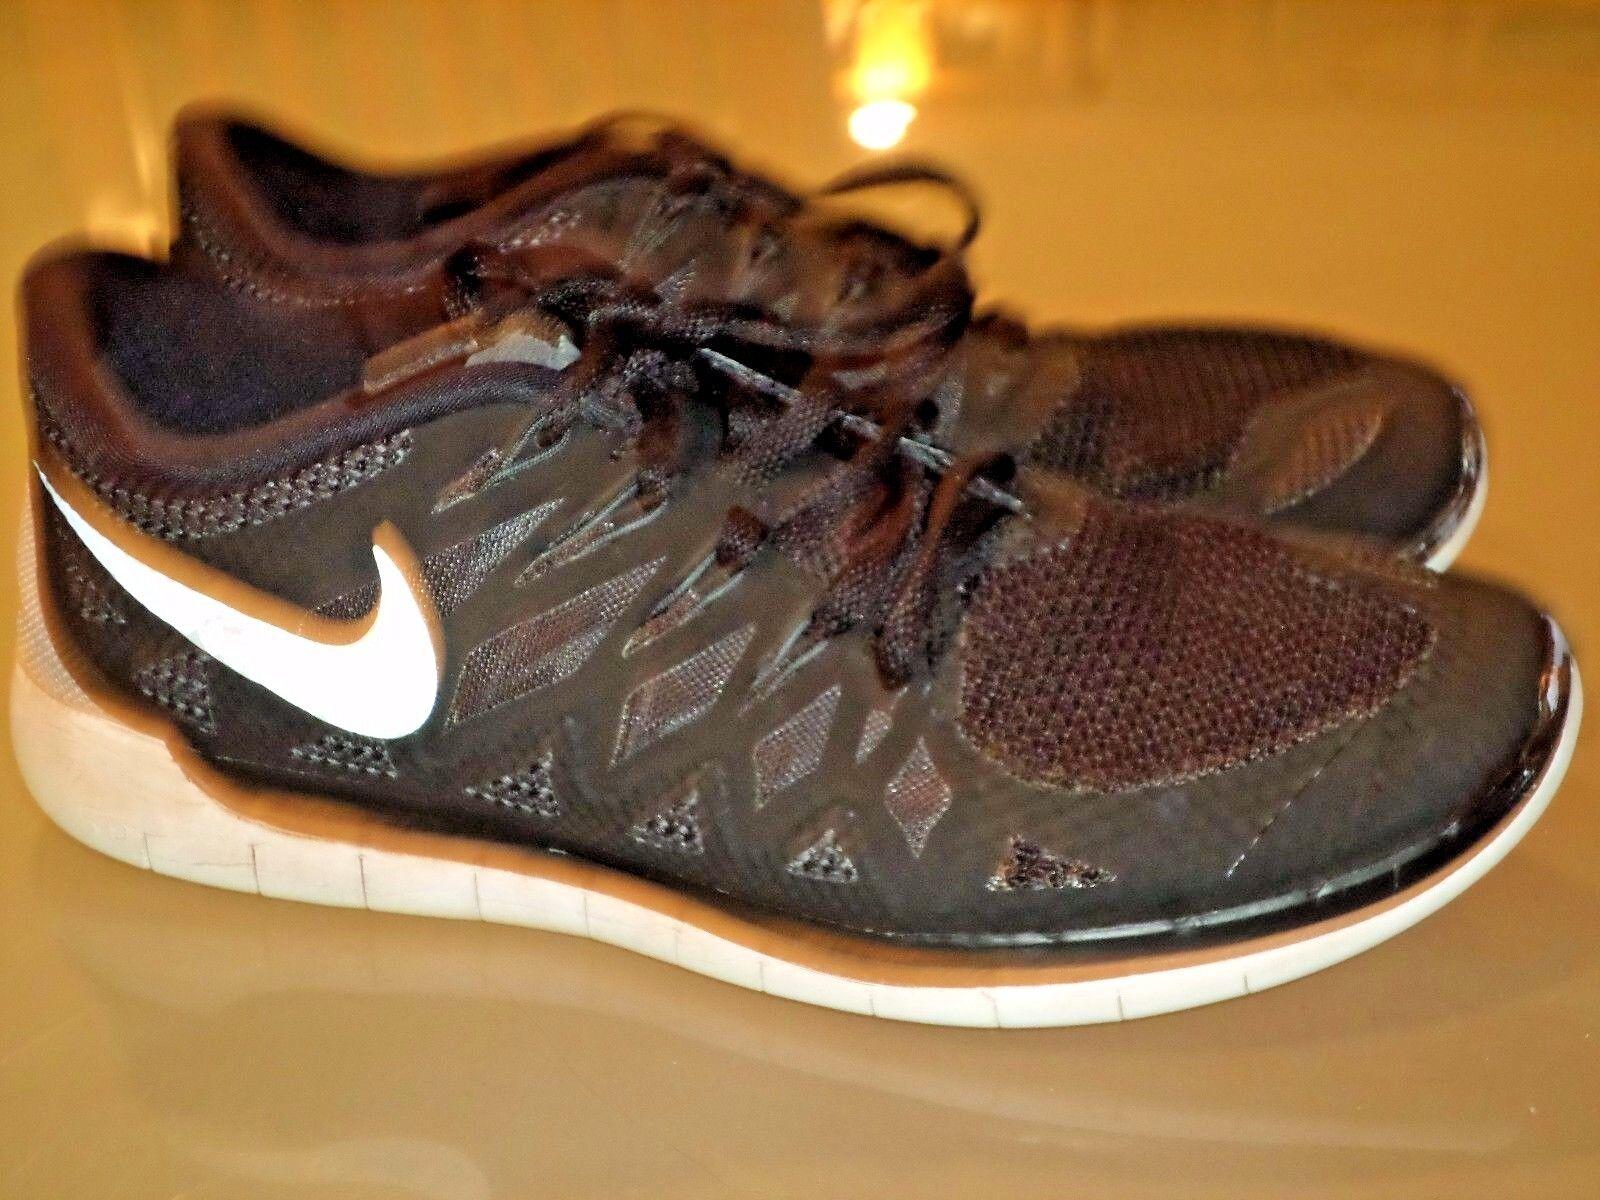 Nike libera 5,0 dimensioni 9.5 9.5 9.5 nylon neri merletto bianco solo lavato un po 'indossare pulita | Alta qualità ed economico  | Uomo/Donna Scarpa  dbd8a3